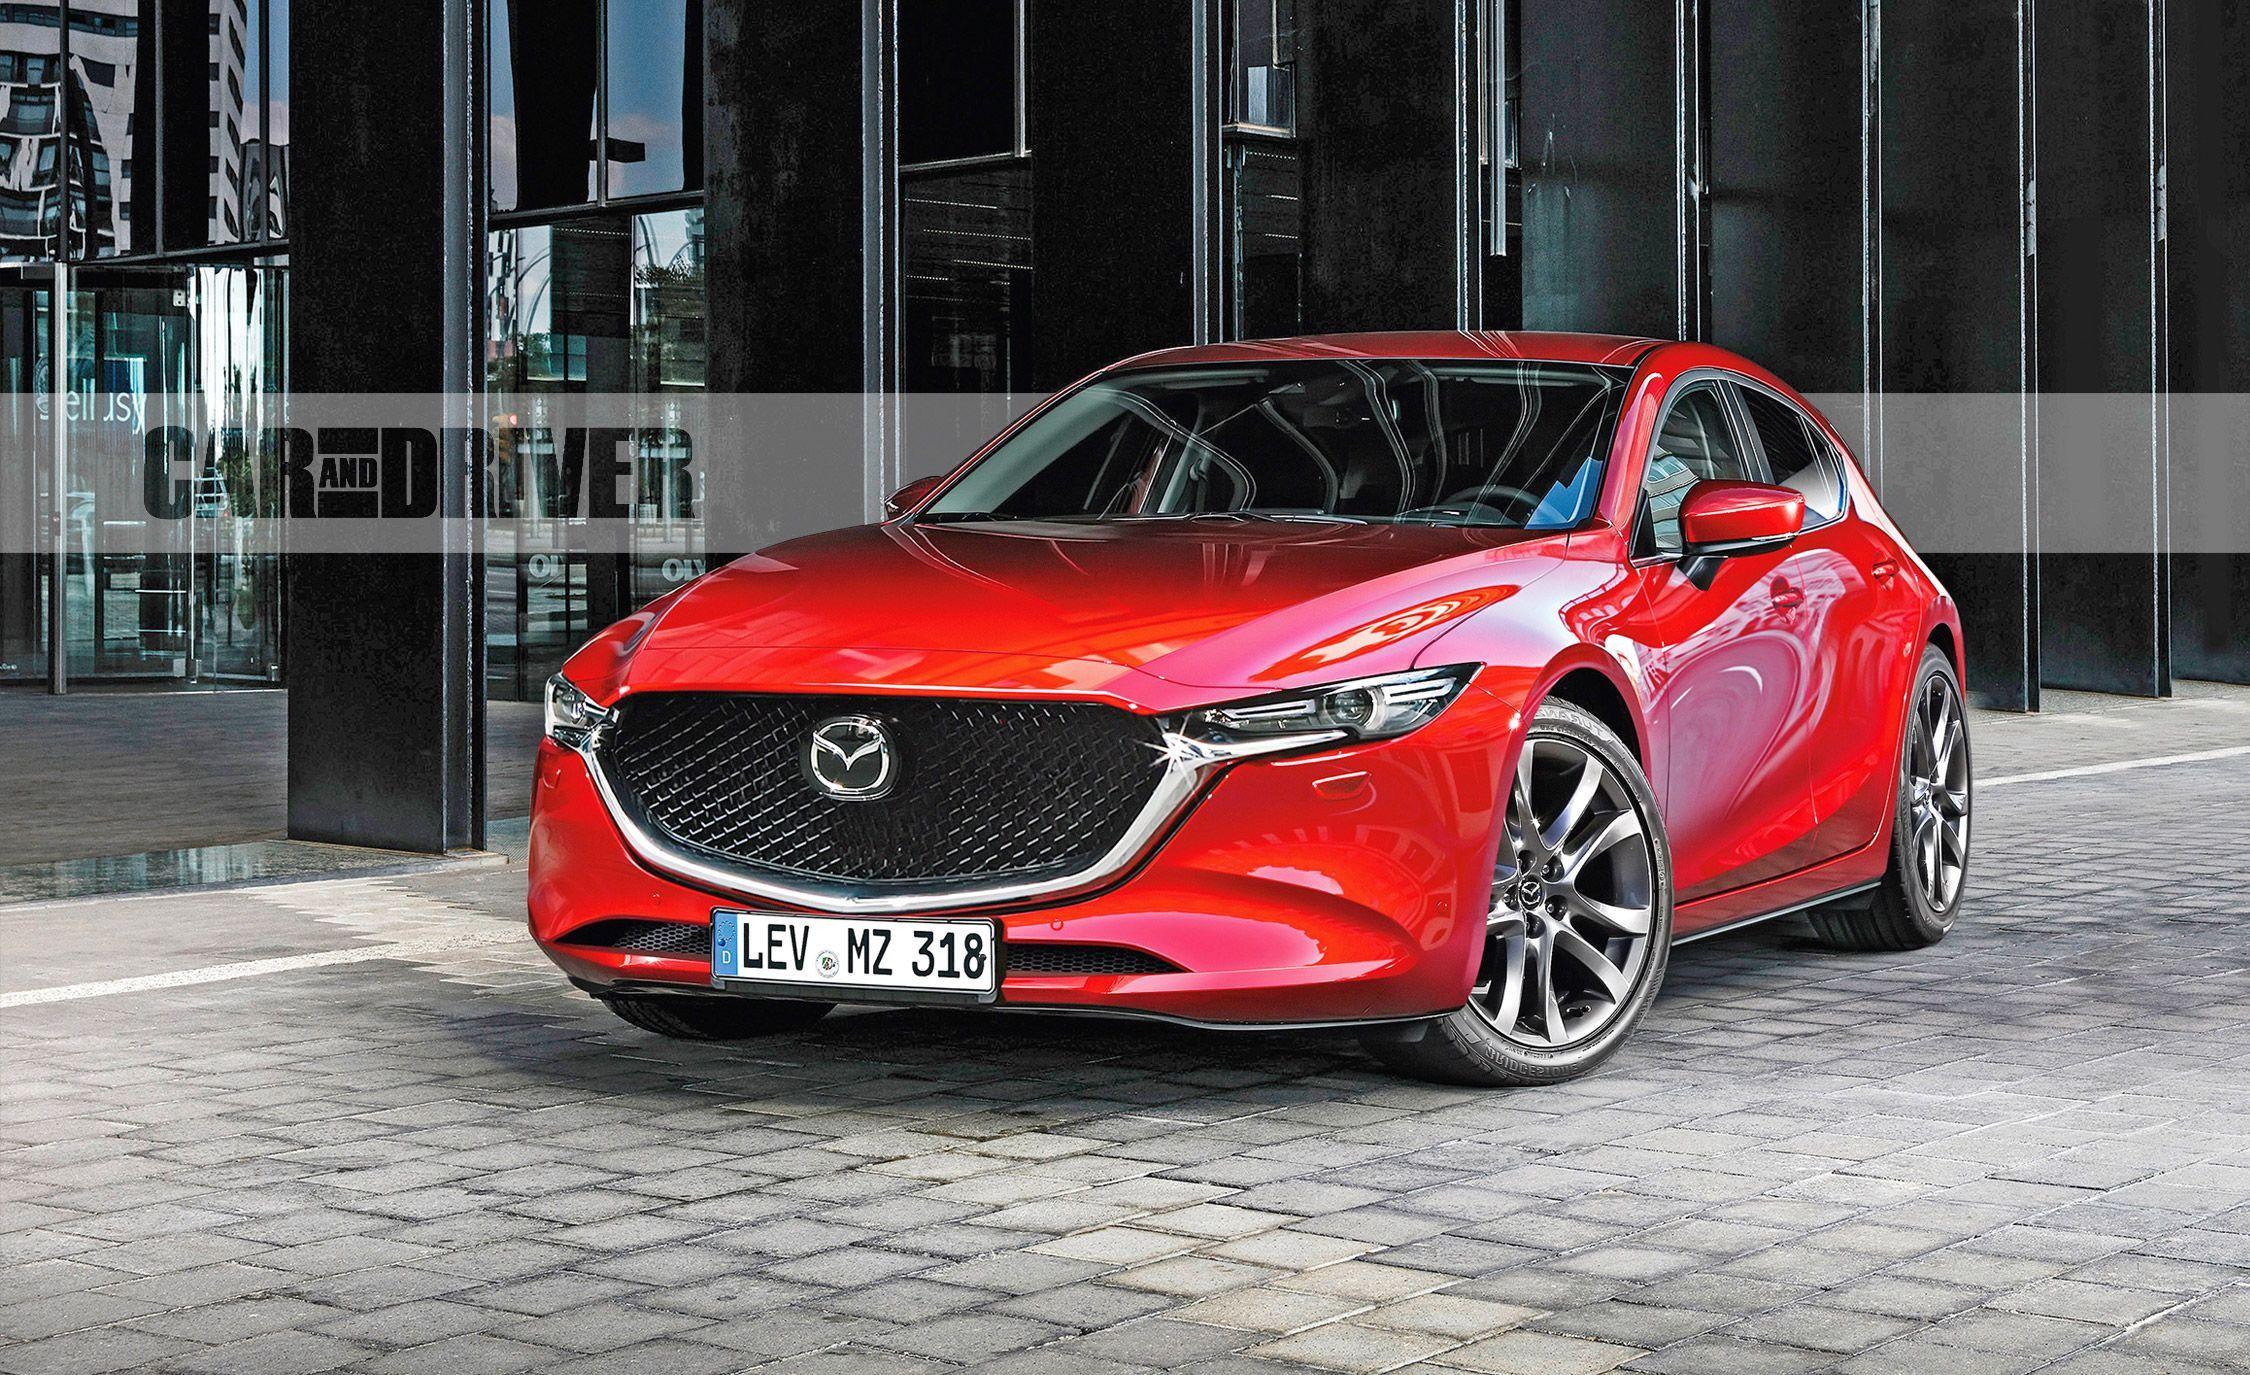 2020 White Mazda 3 Concept Check More At Http Dailymaza Me 2020 White Mazda 3 Concept Di 2020